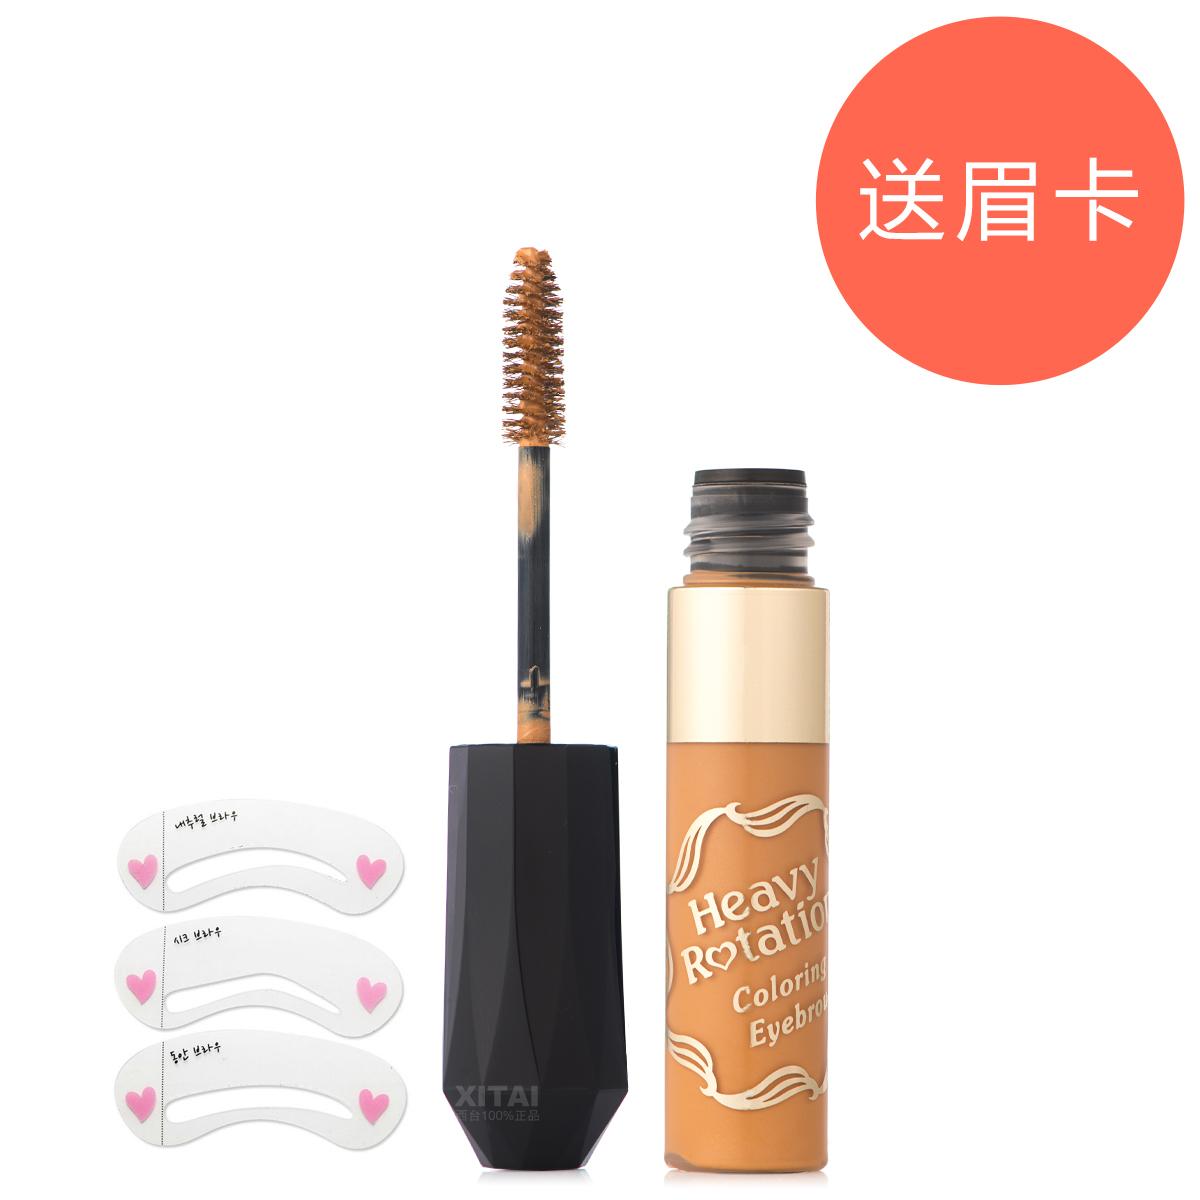 日本KISSME裸妝自然染眉膏 kiss me防水防汗耐摩擦不暈染溫水可卸